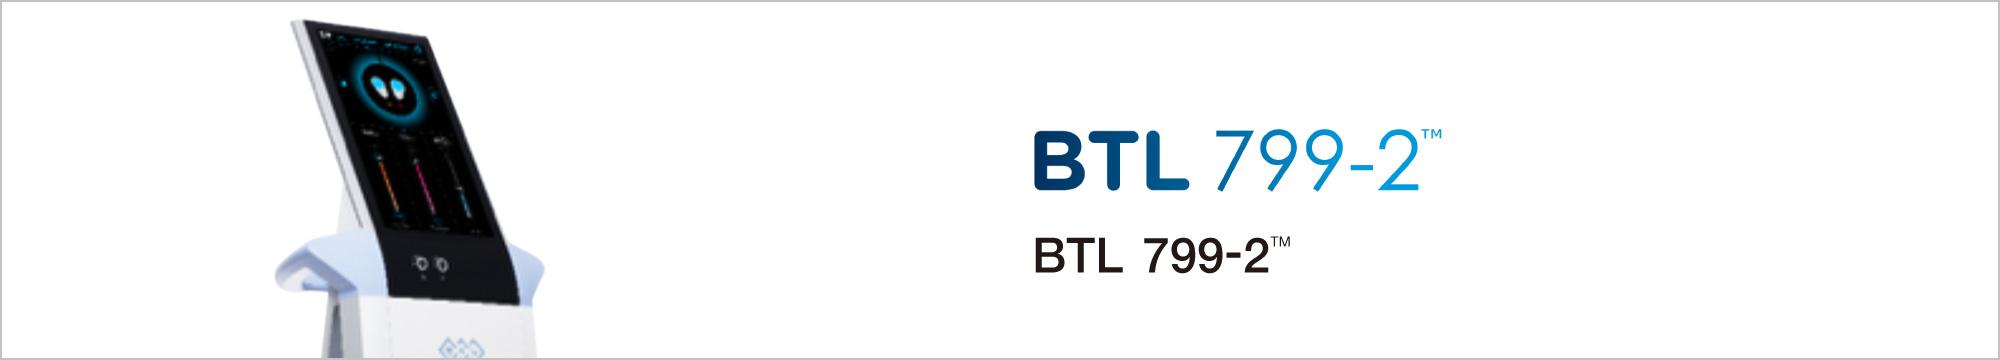 BTL799-2